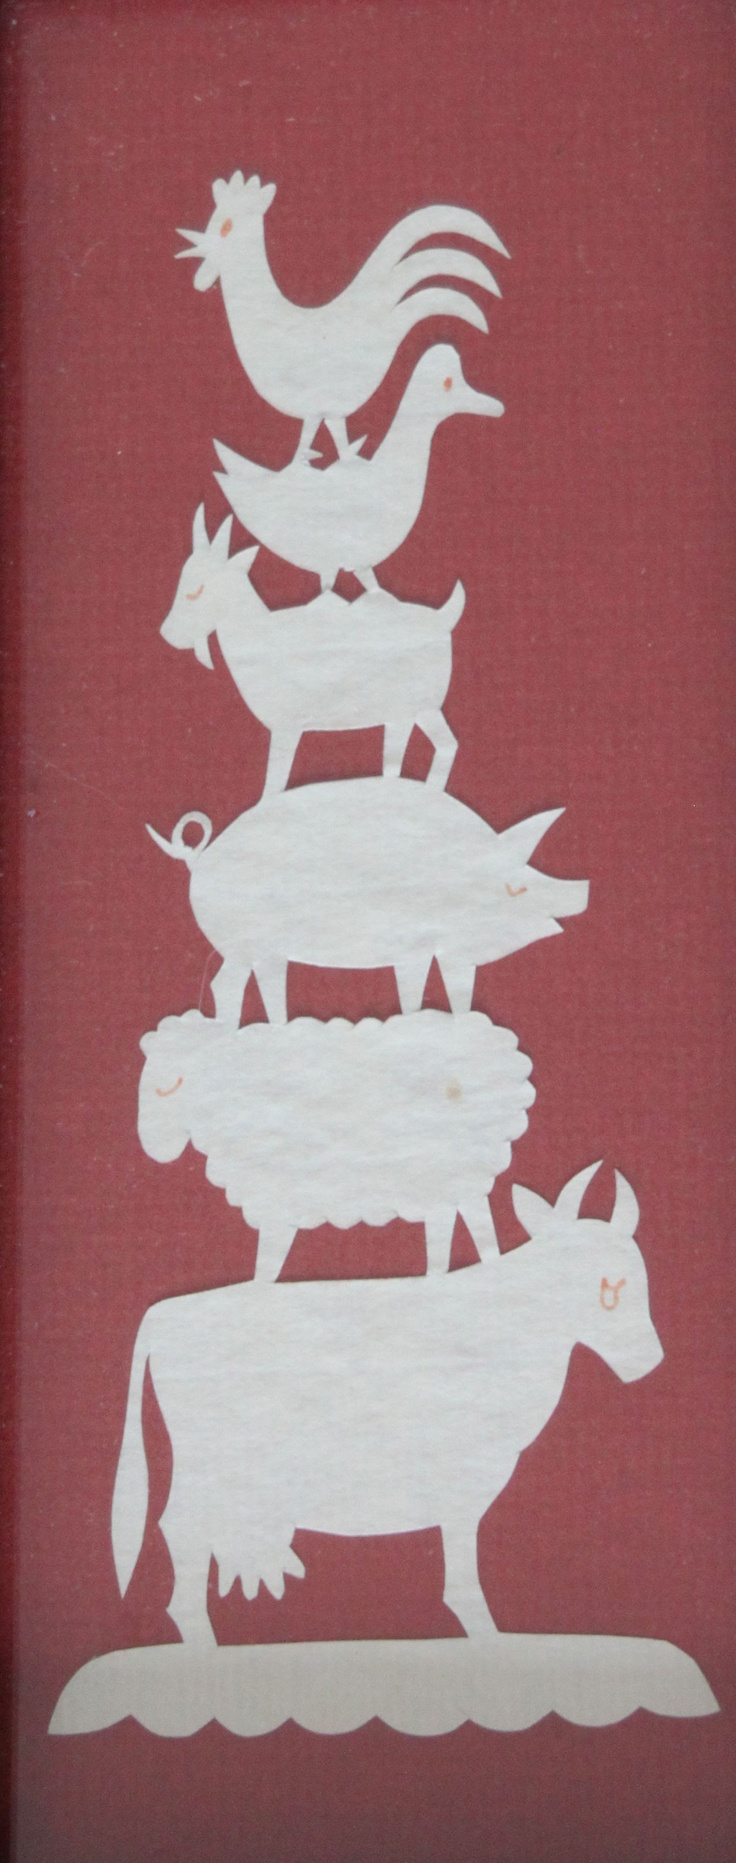 Farm Animals by Sharon Schaich, Lititz, Pennsylvania, Scherenschnitte